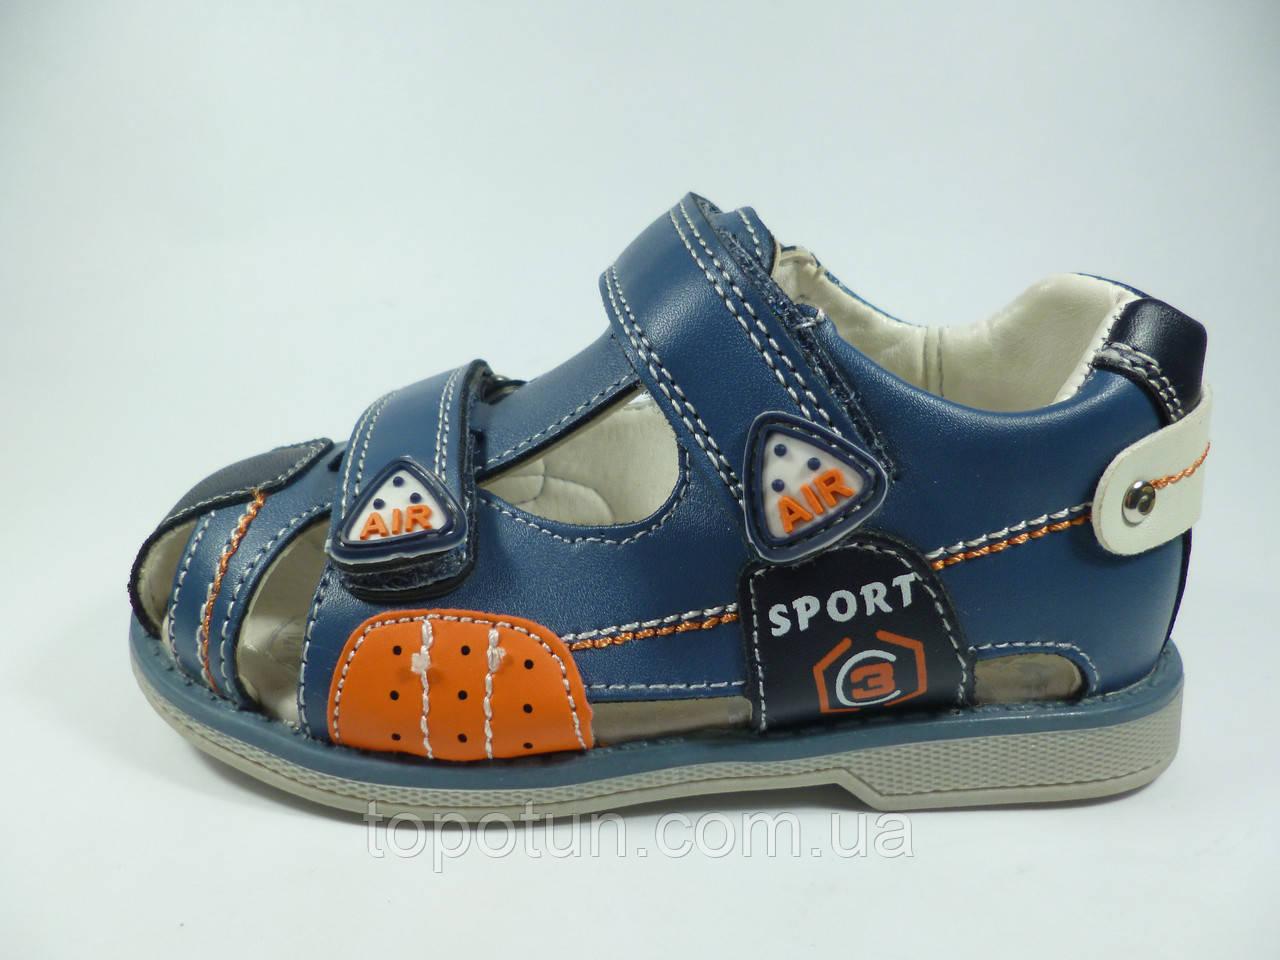 """Детские сандалии для мальчиков """"Tom.m"""" размеры: 27,28,29,30"""